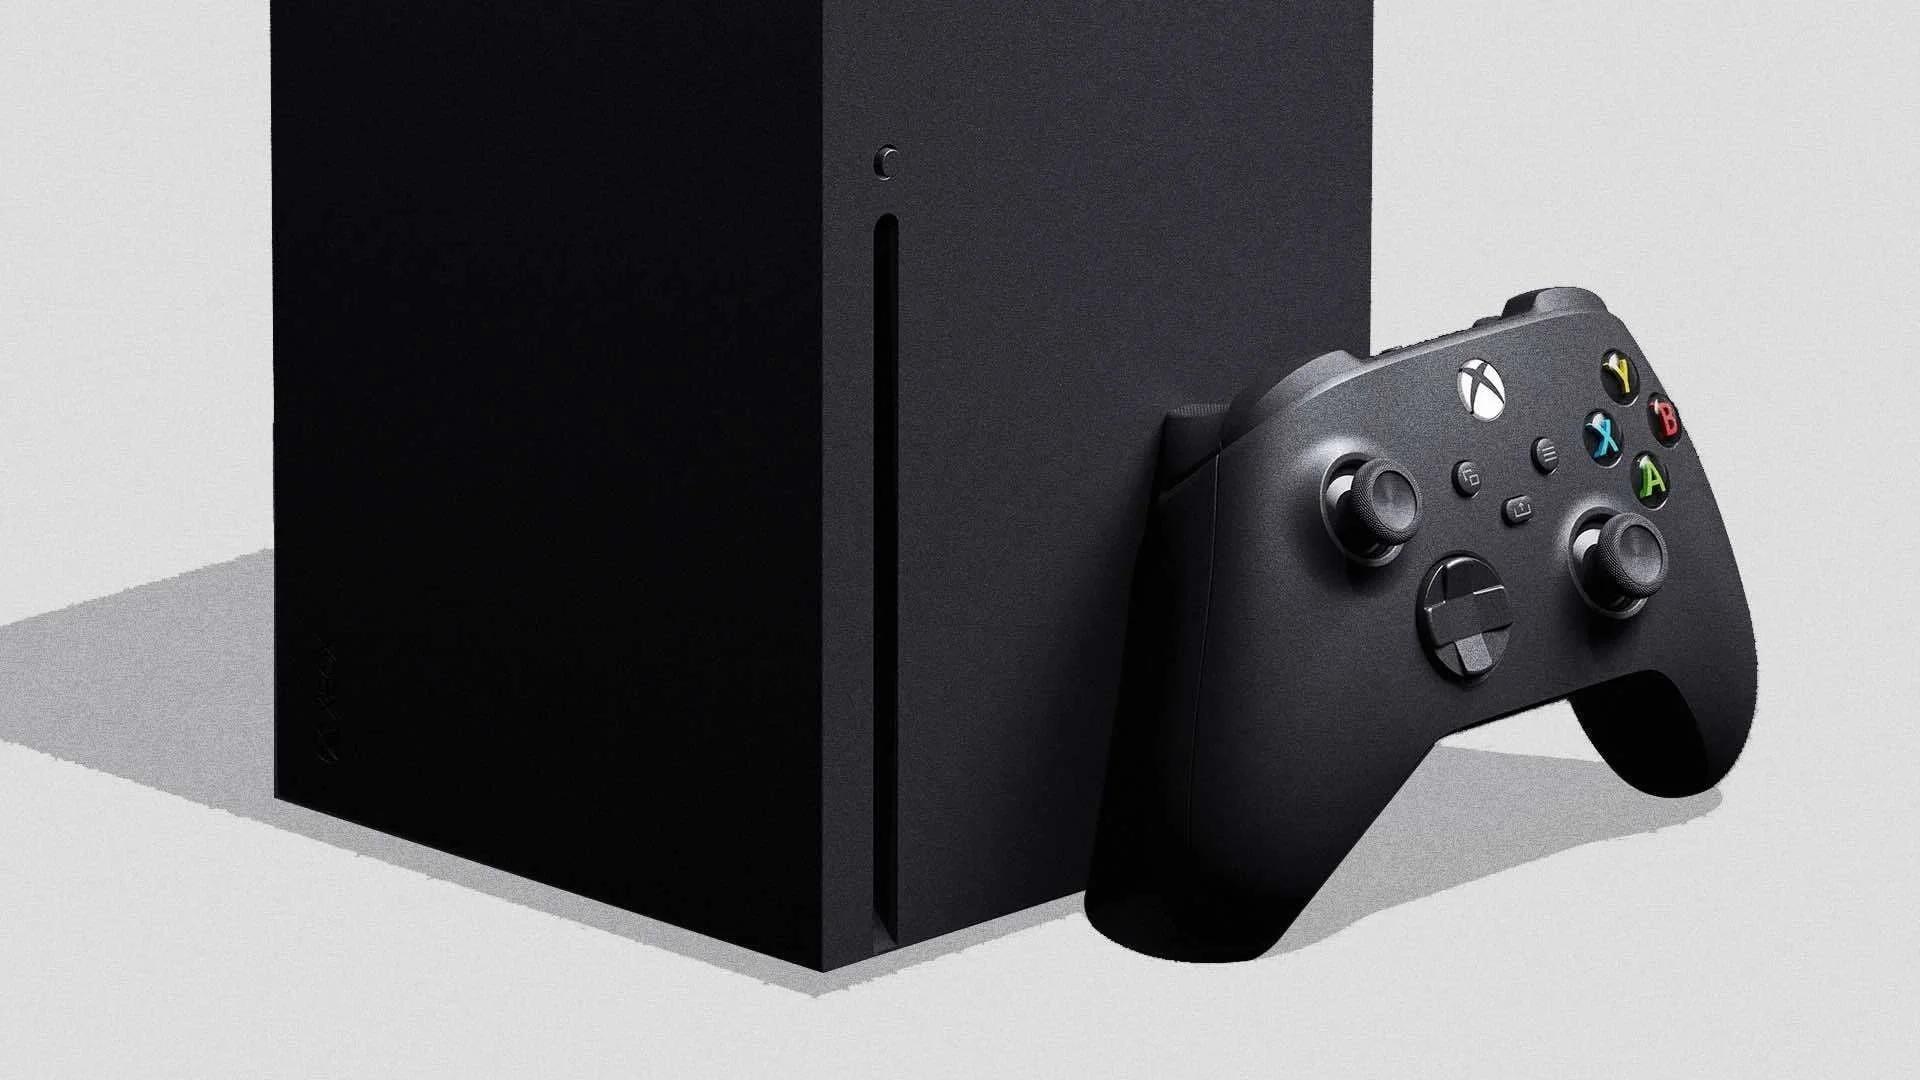 Слух: презентации консолей и игр следующего поколения сдвинули из-за отмены E3